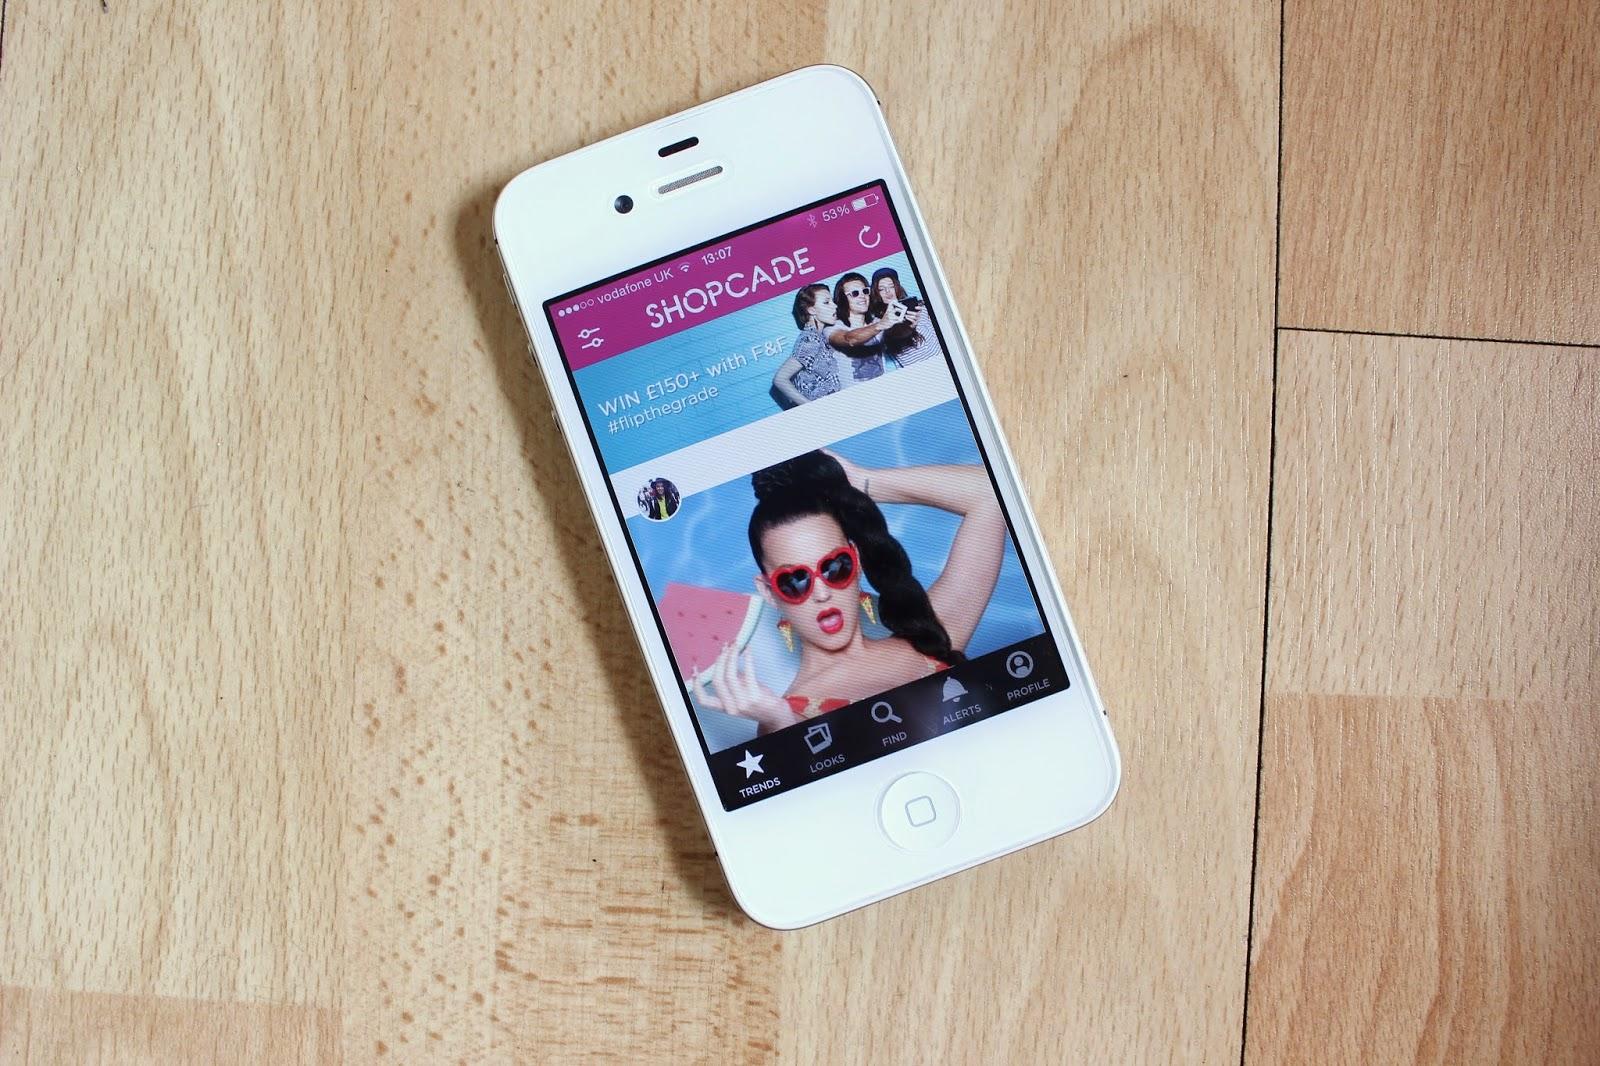 shopcade-review-phone-app